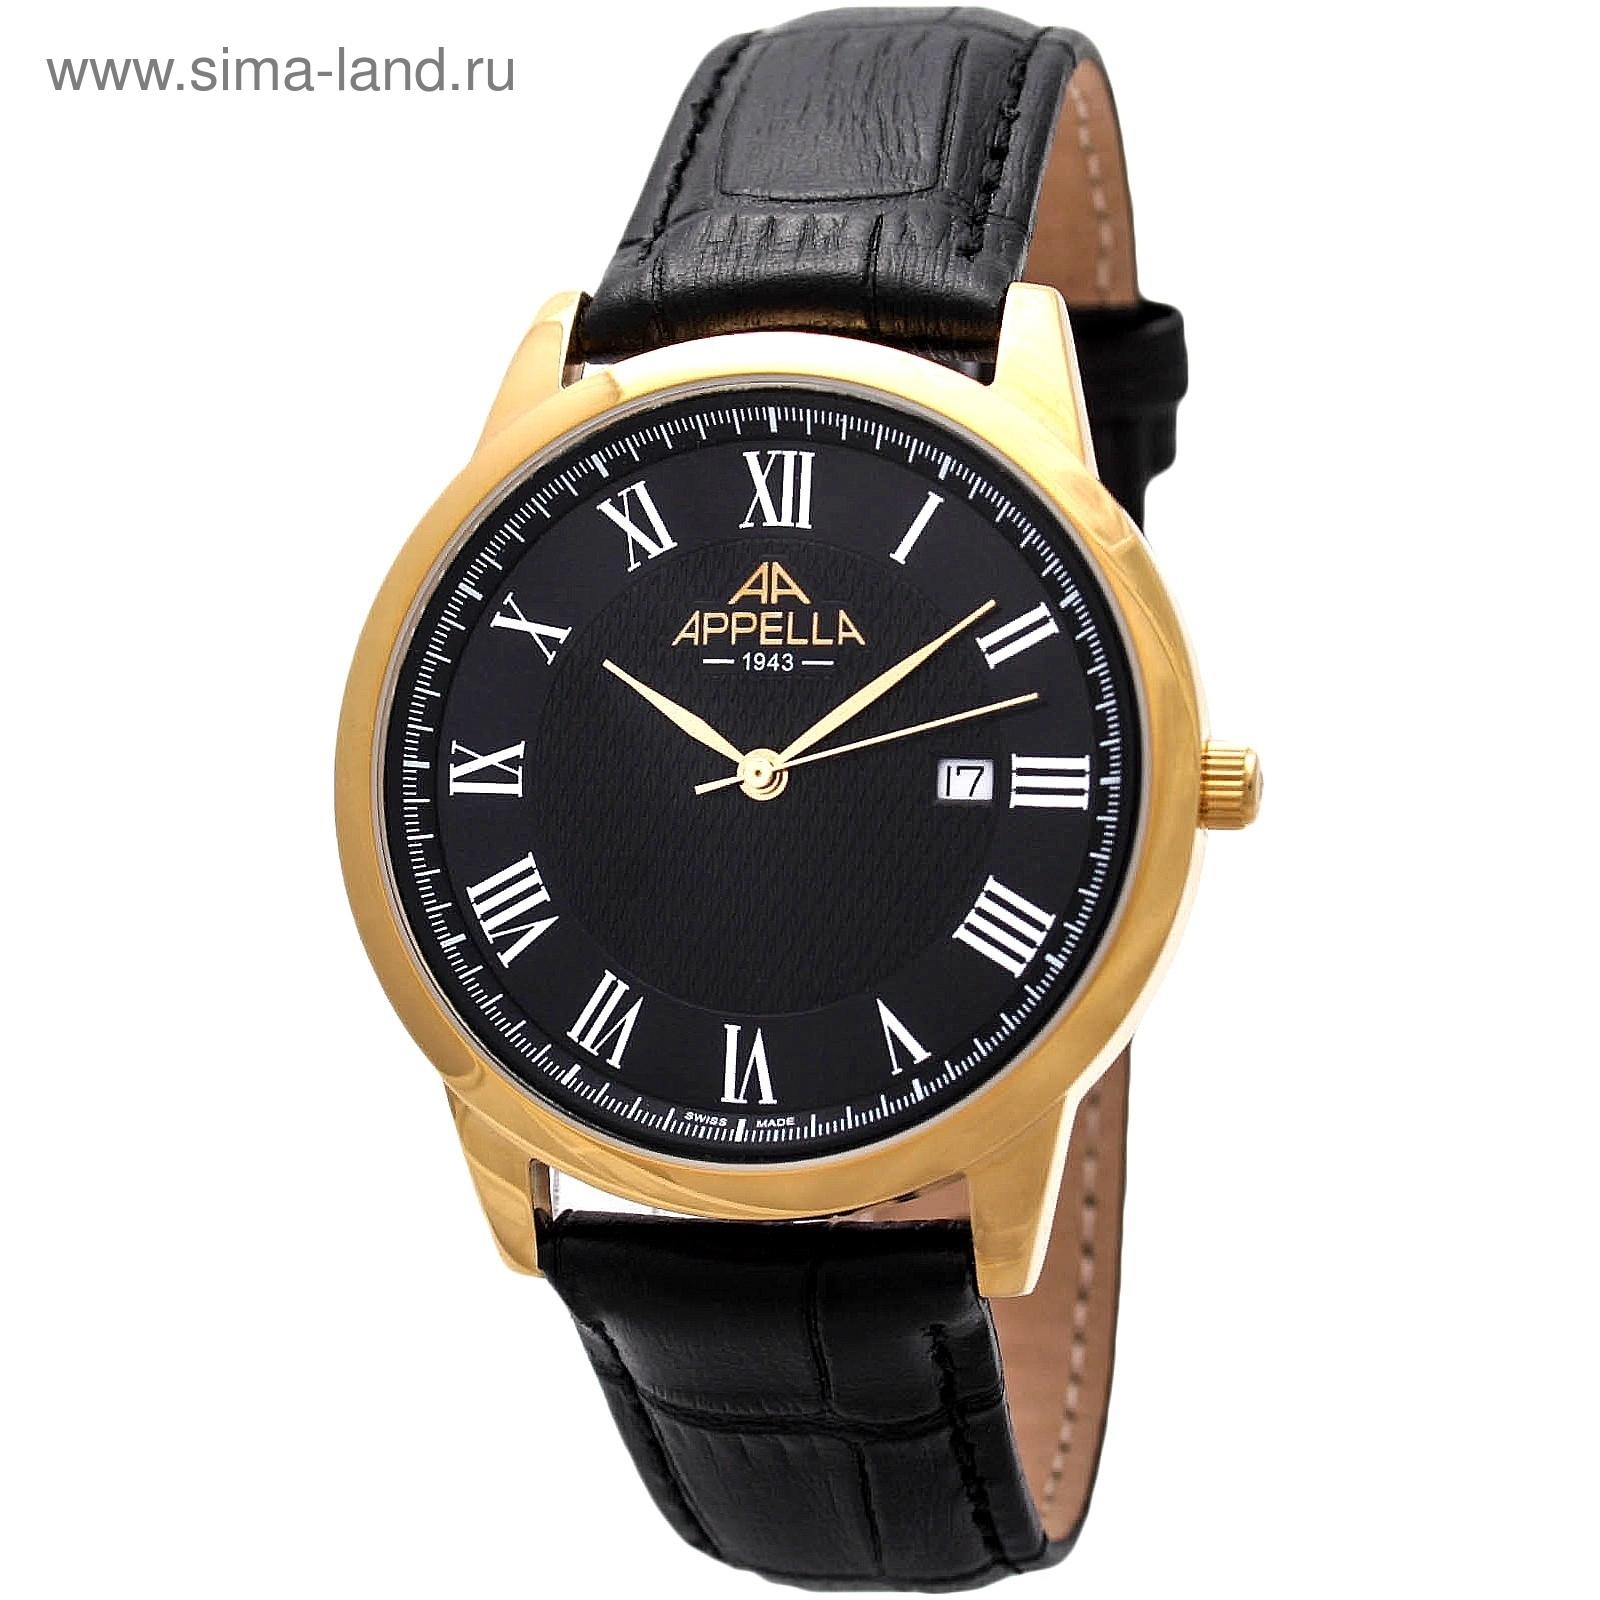 Купить наручные механические часы с календарем мужские наручные часы tissot 1853